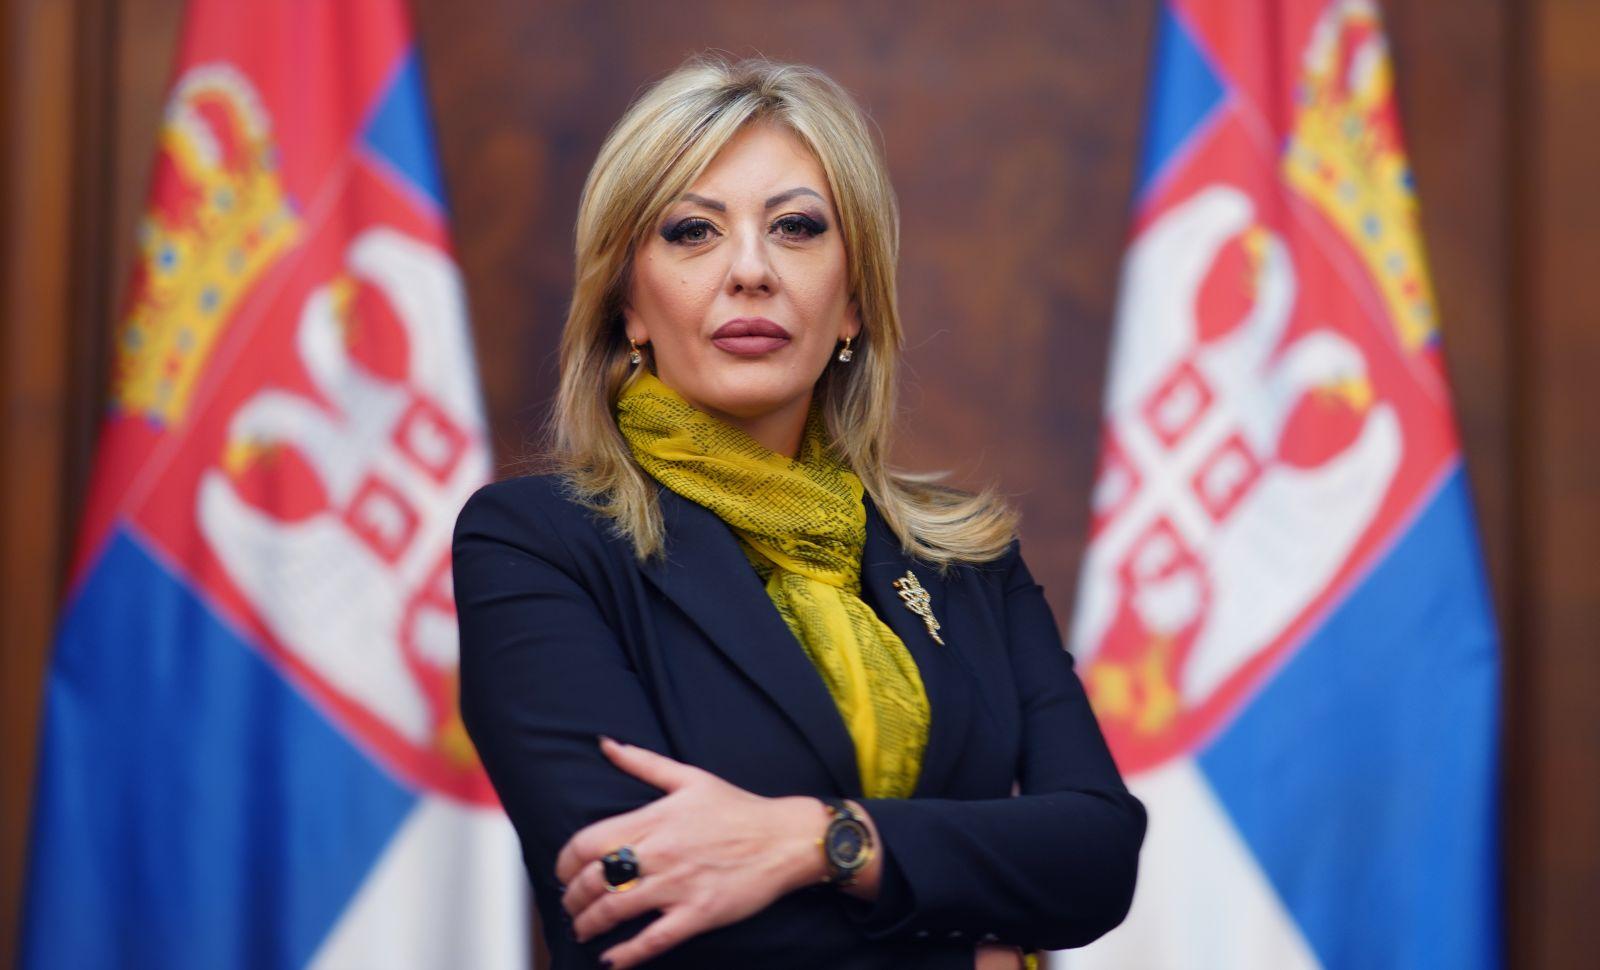 Stabilno visoka podrška članstvu Srbije u EU – 54% ZA